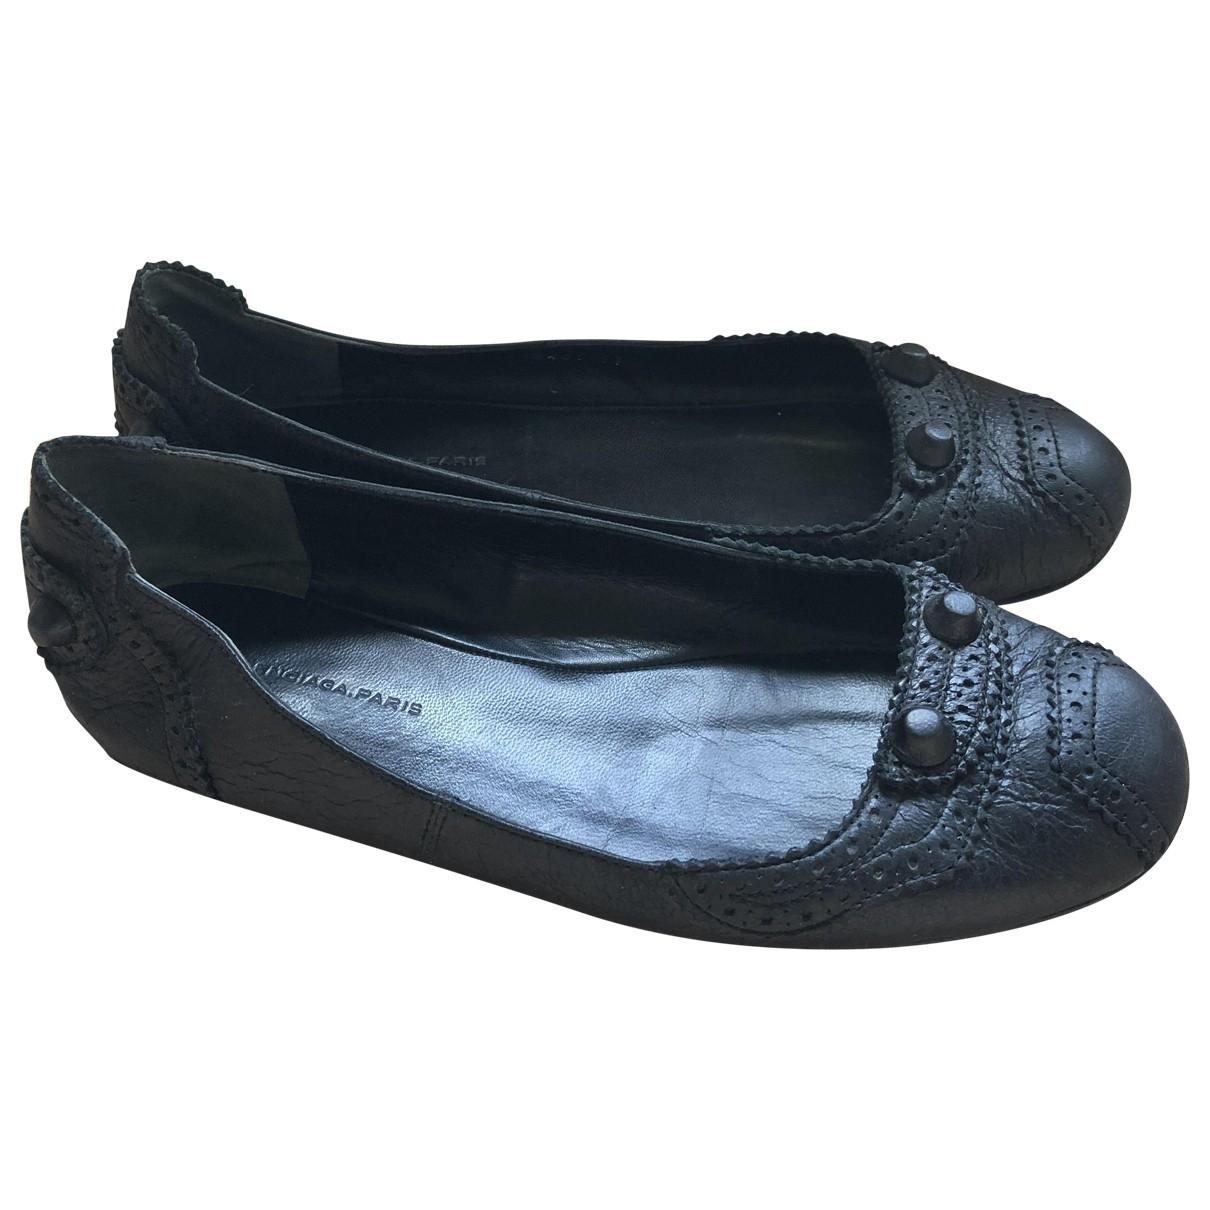 Balenciaga \N Black Leather Ballet flats for Women 37 EU